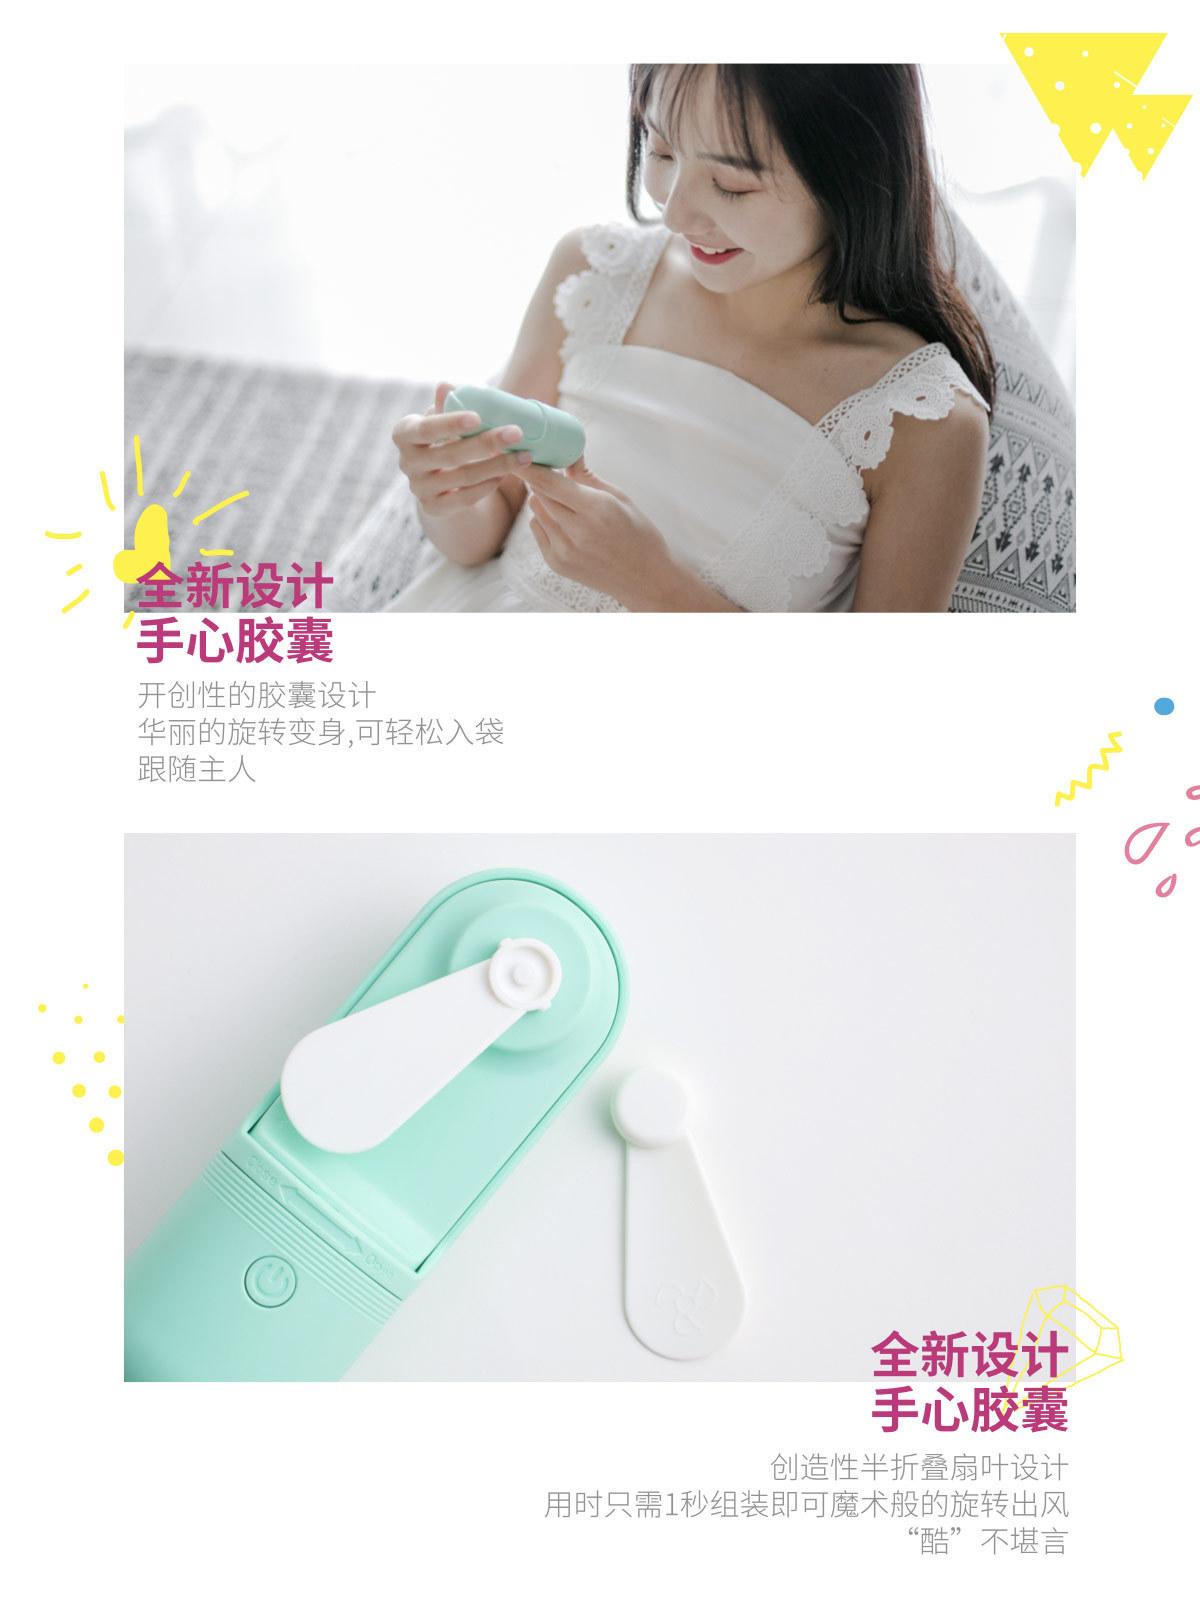 创意USB手持风扇_ 胶囊卡通外形